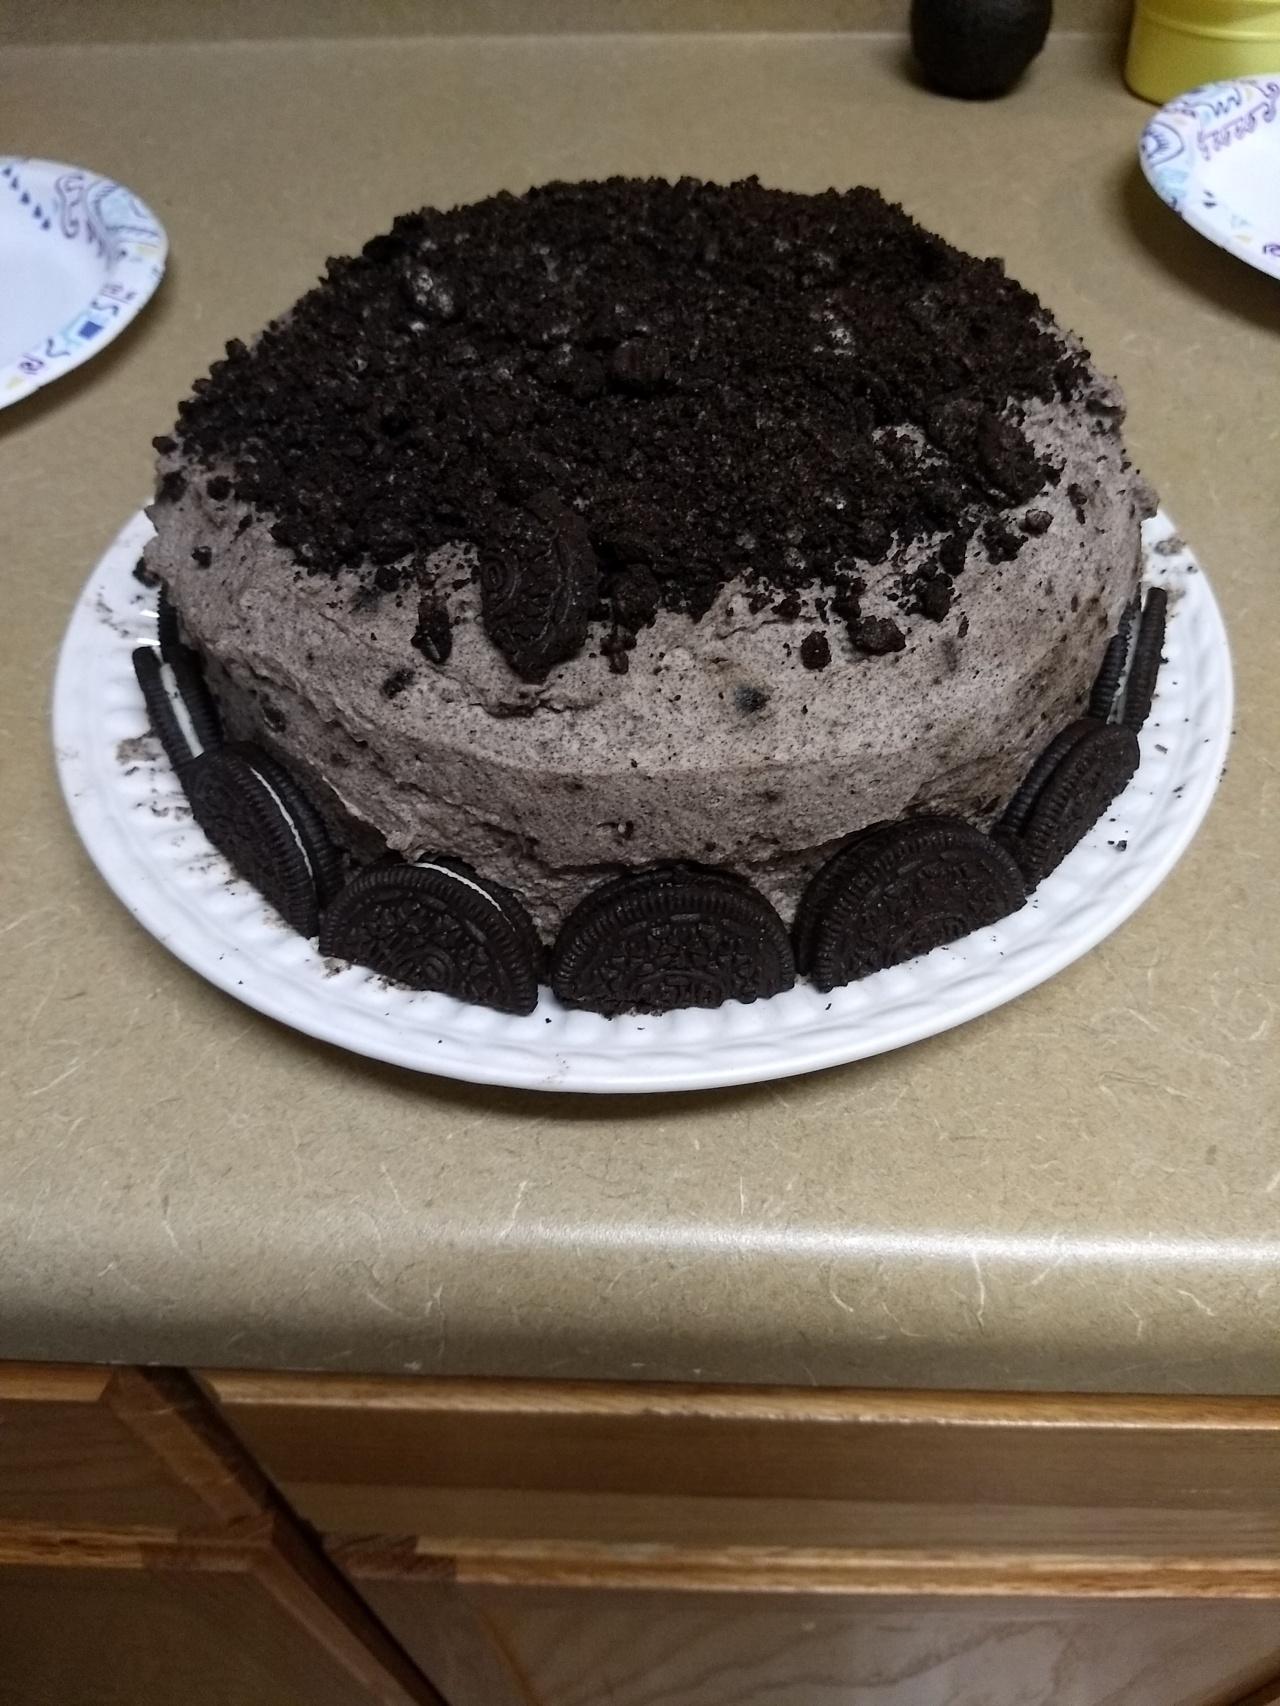 Oreo Cake on a RainyDay